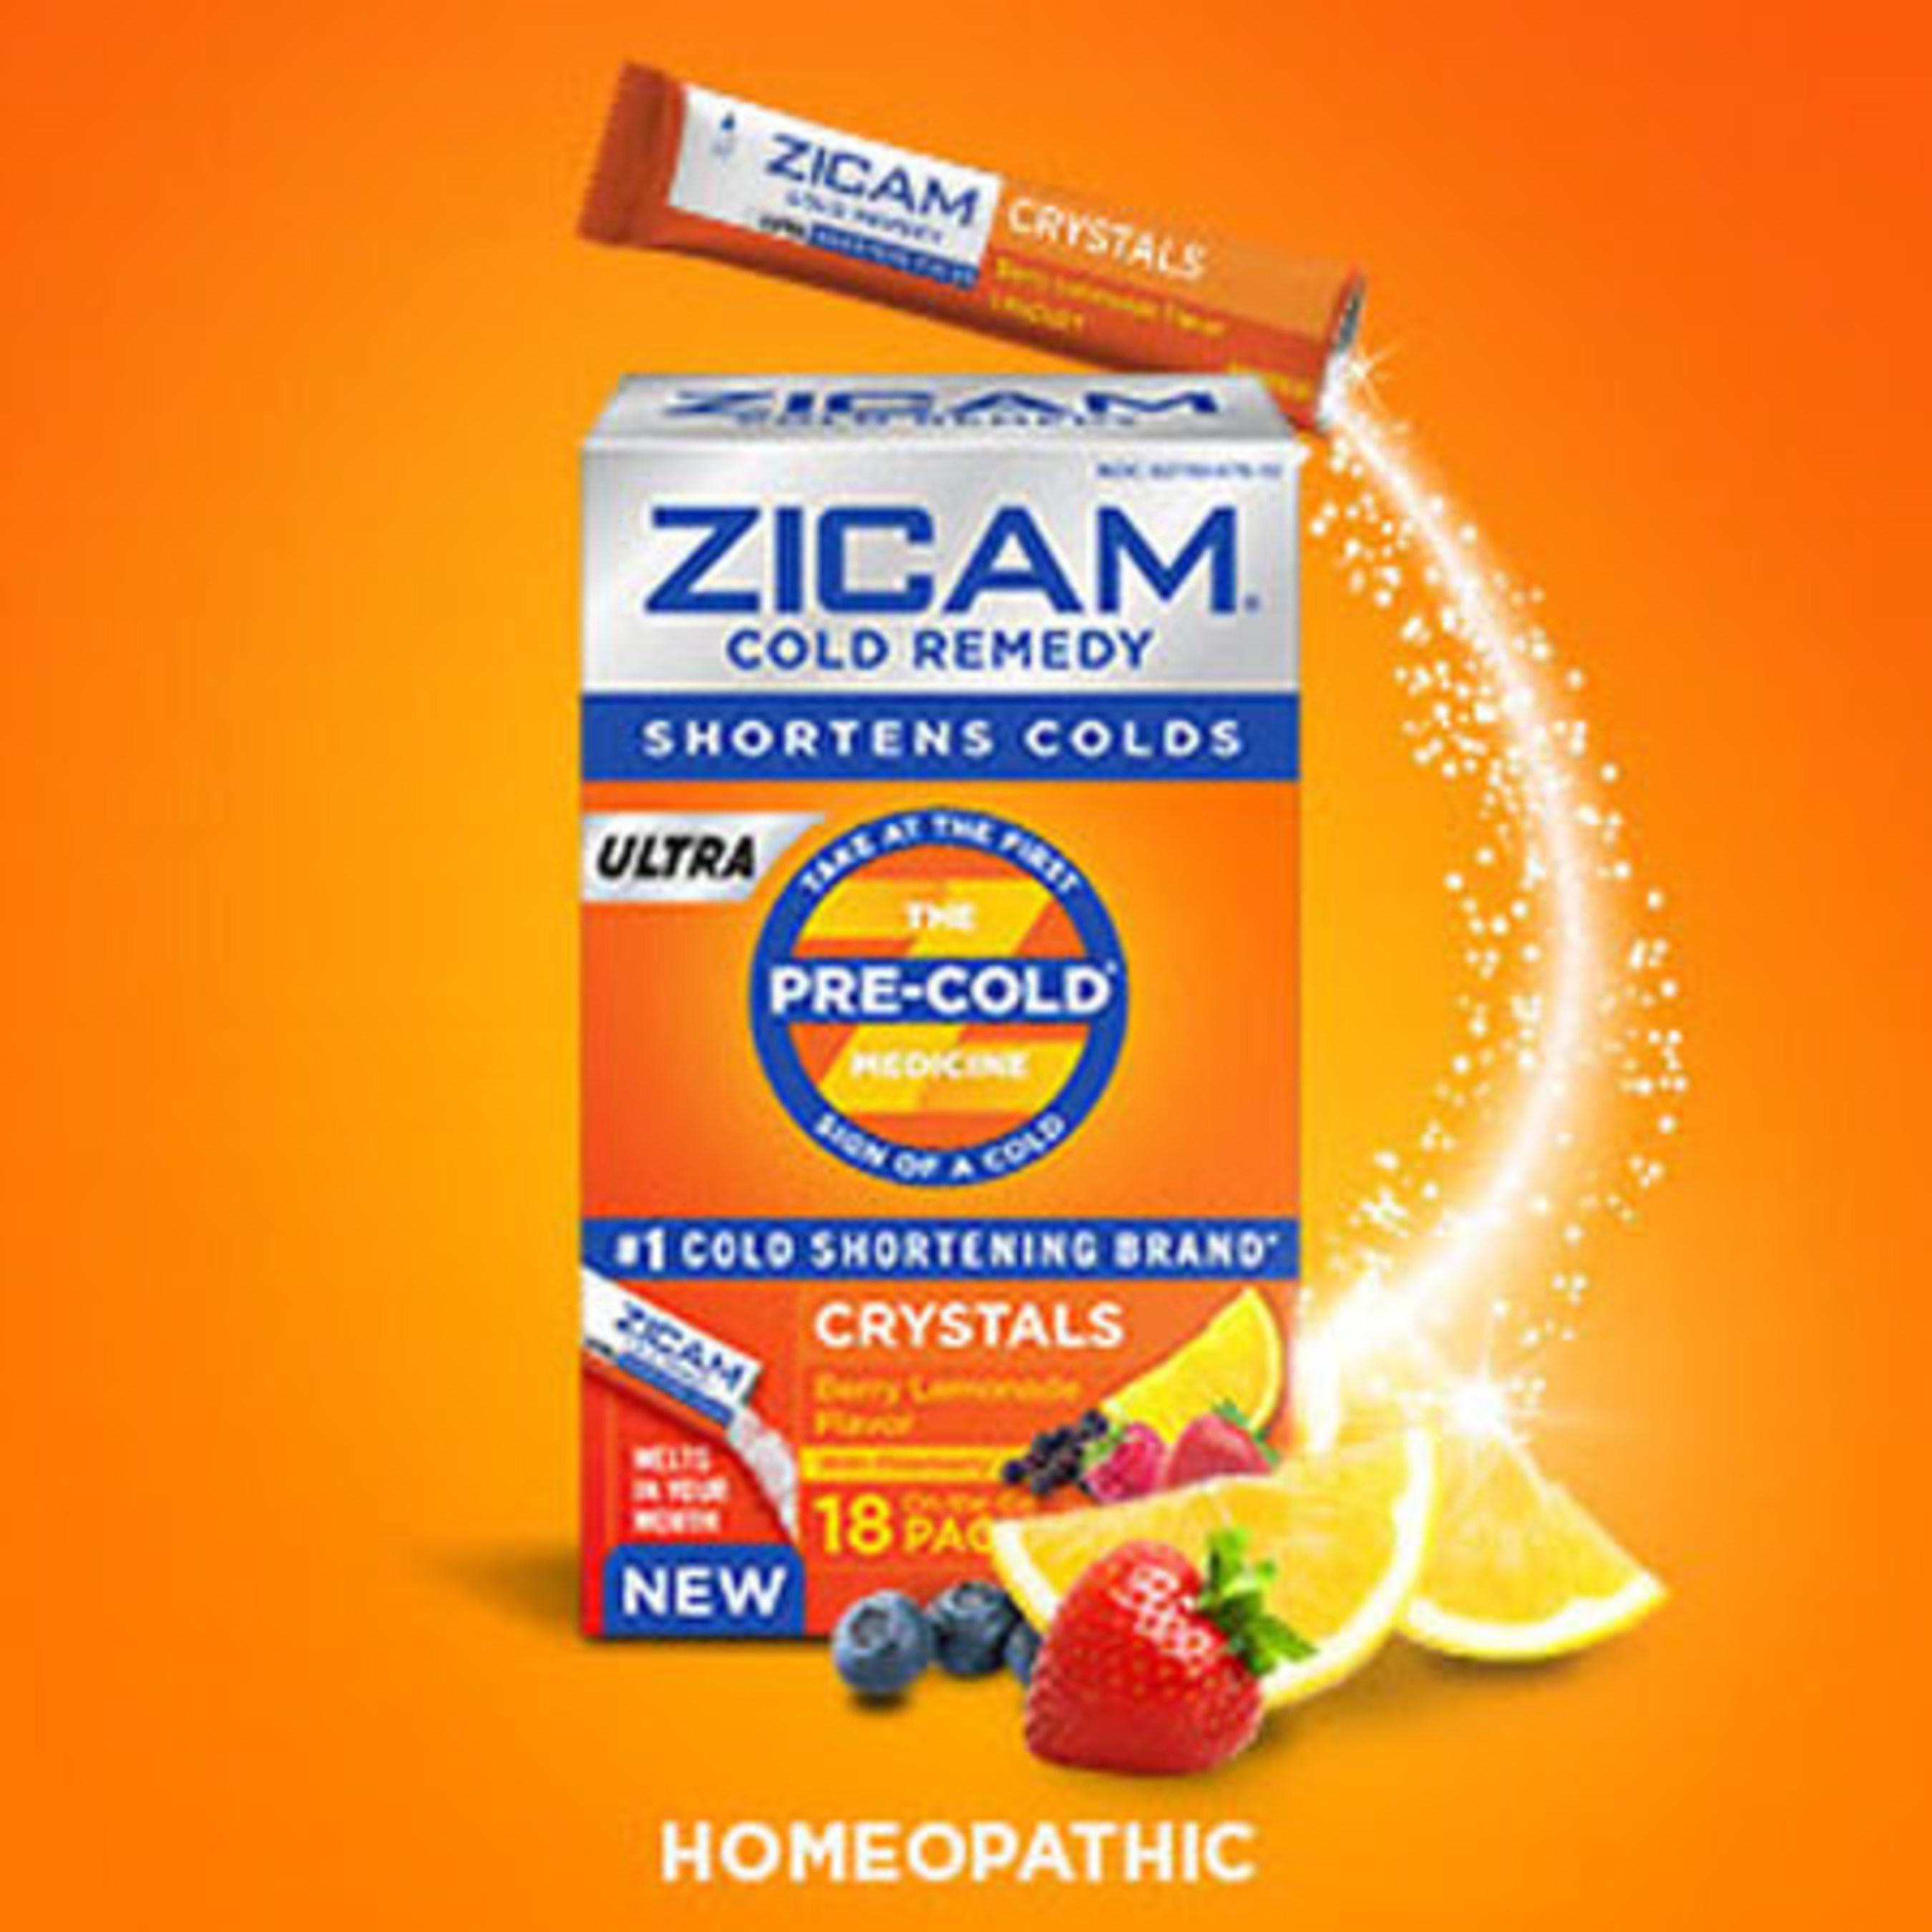 ZICAM_Cold_Remedy